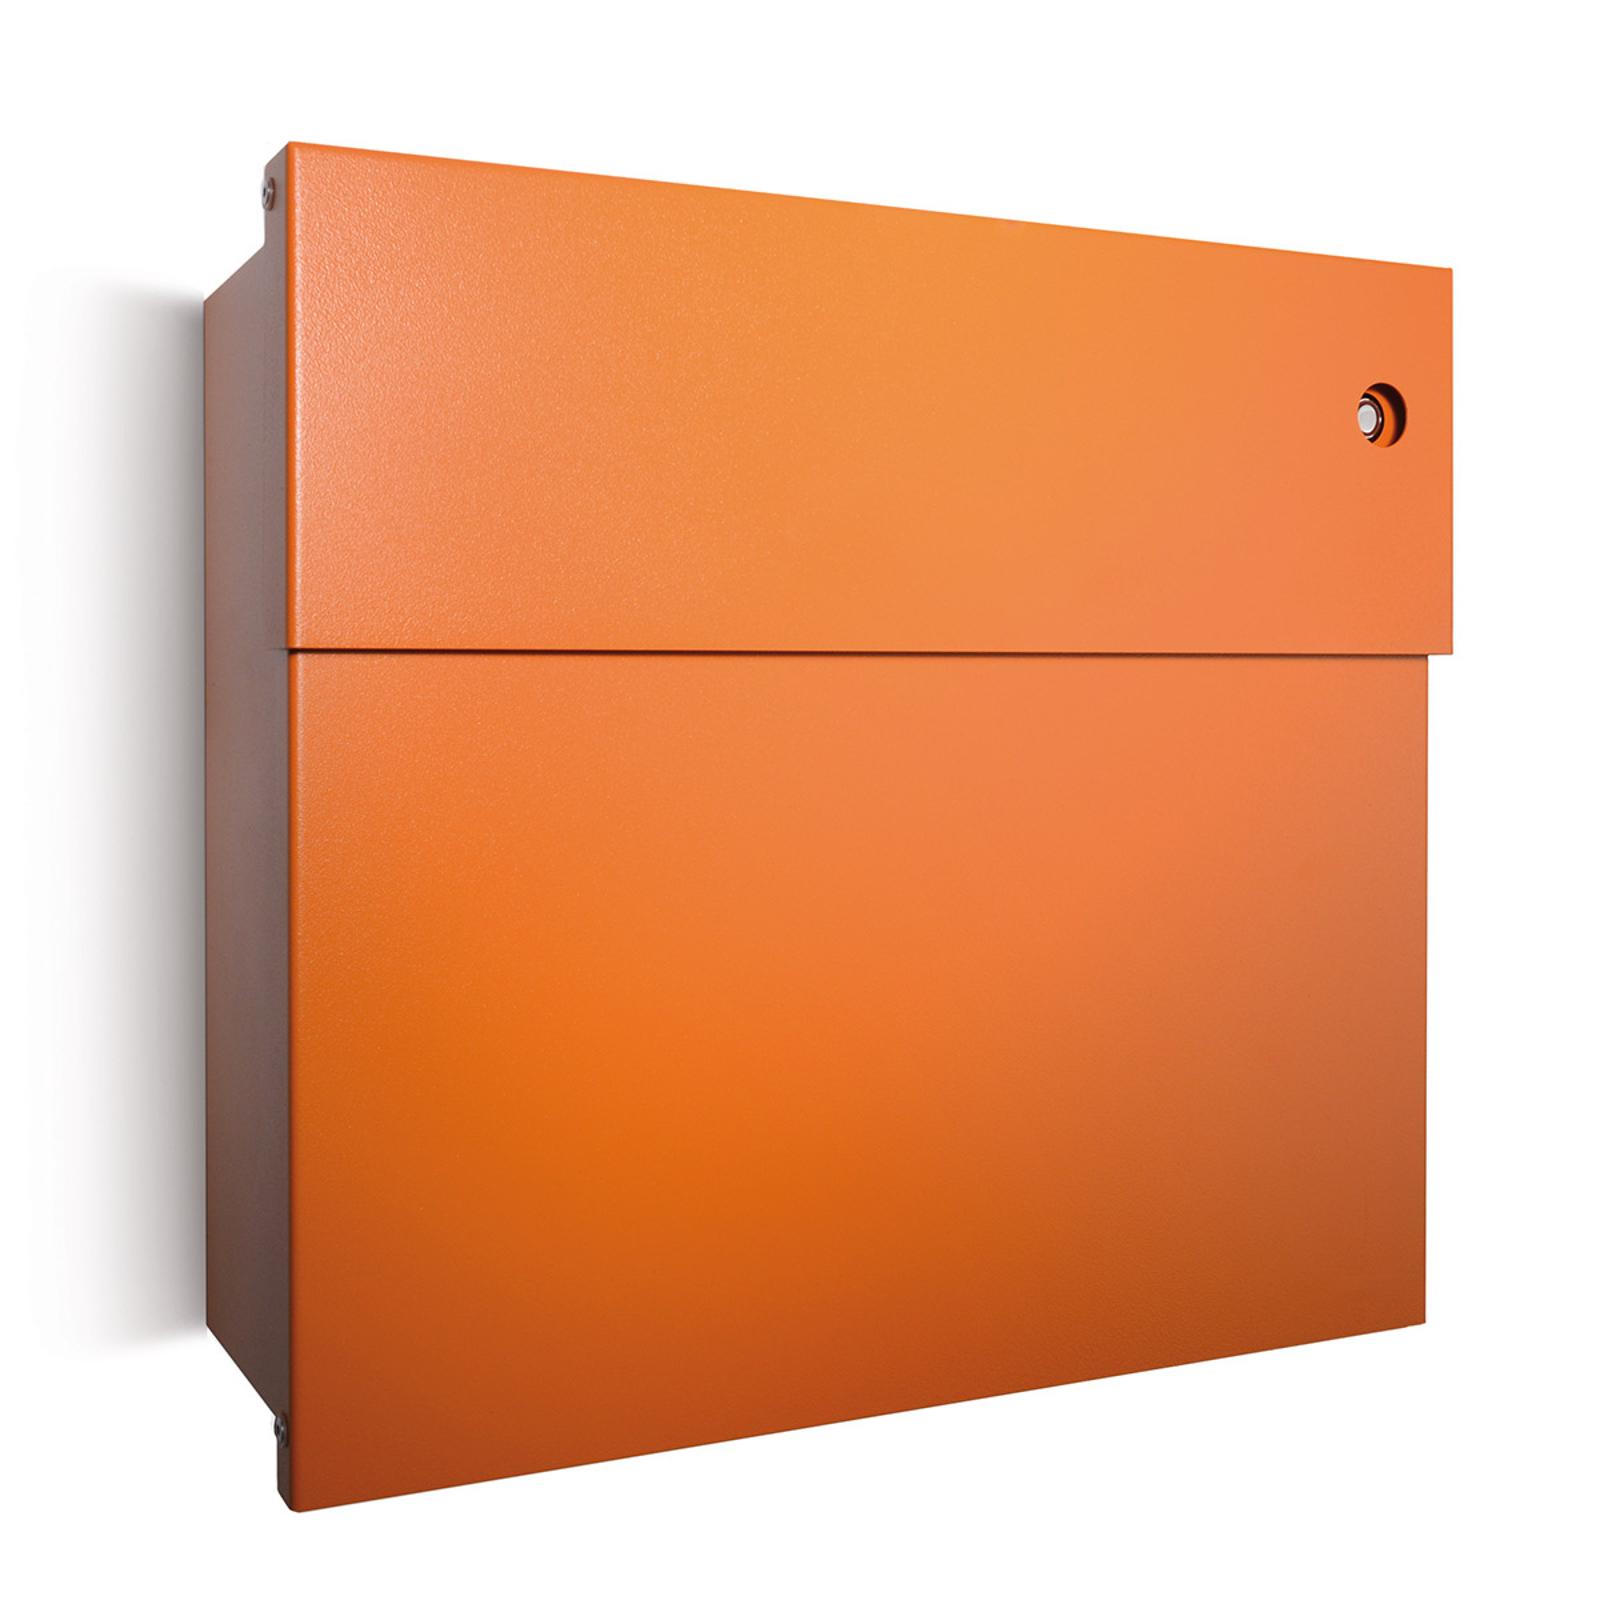 Absolut/ Radius Schránka Letterman IV, červený zvonek, oranžová